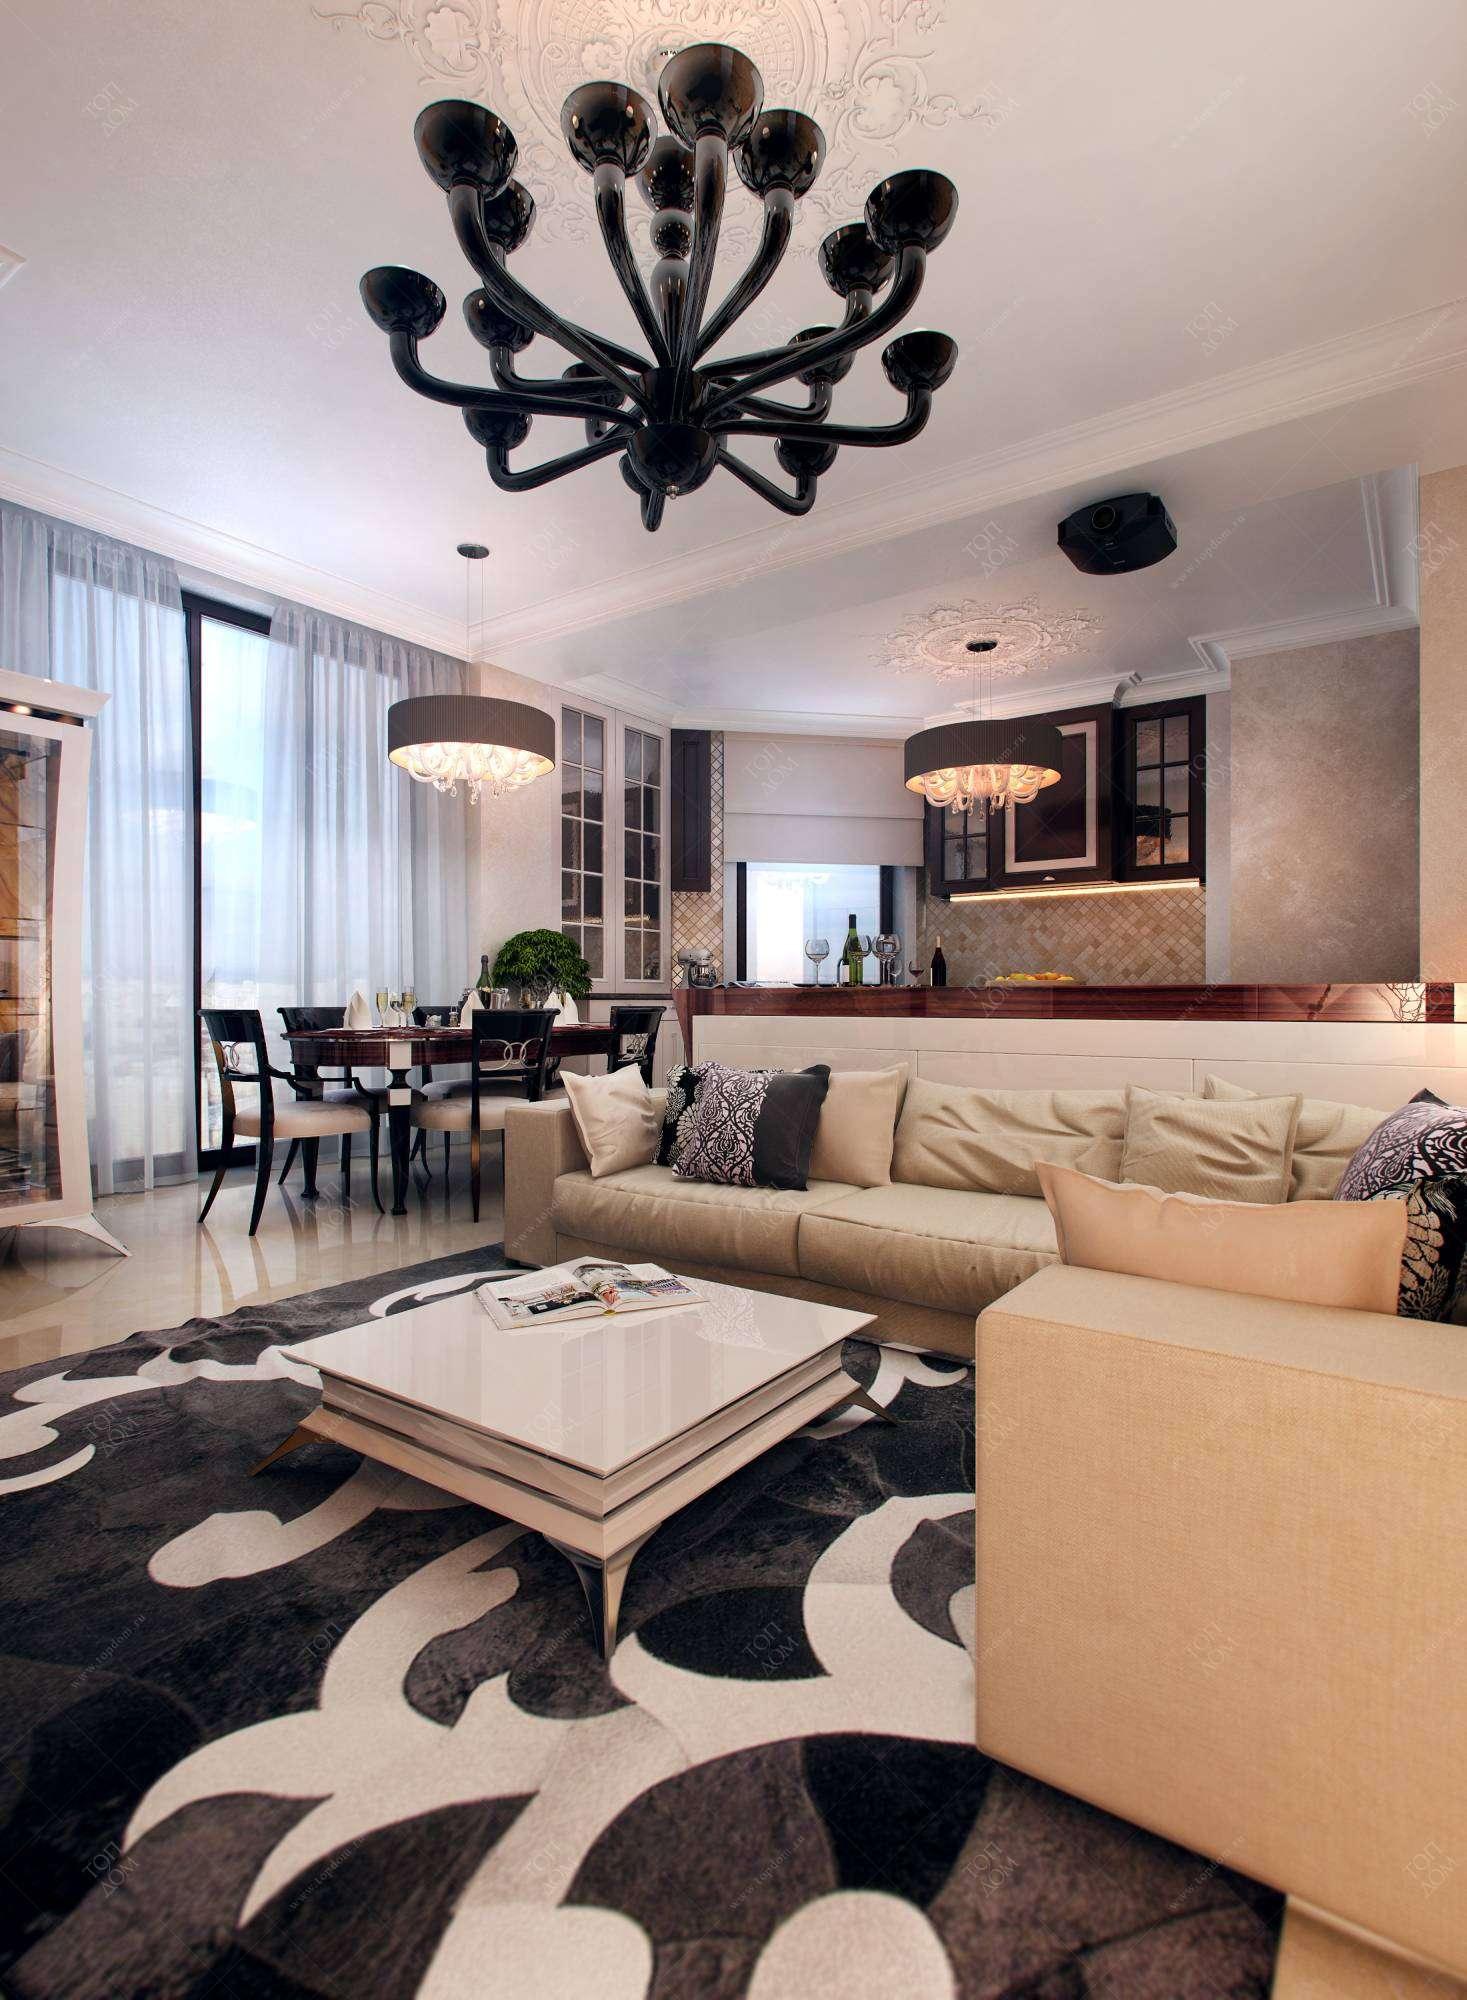 Фото дизайна интерьера гостиной в